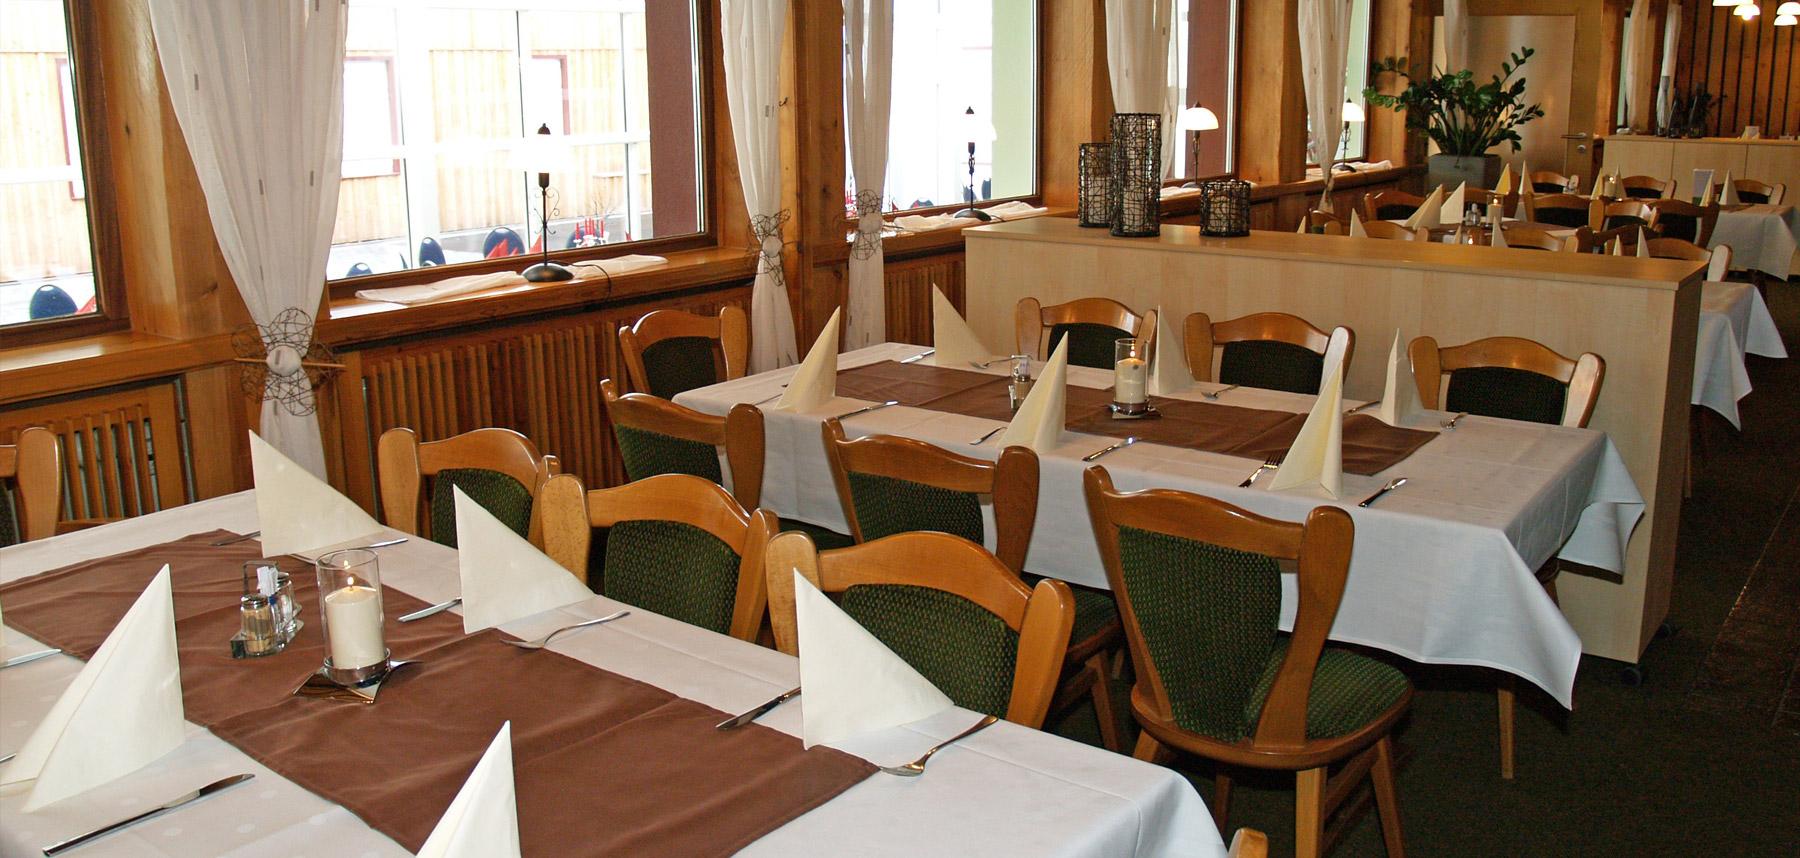 Restaurant im Gästehaus zum Stehling